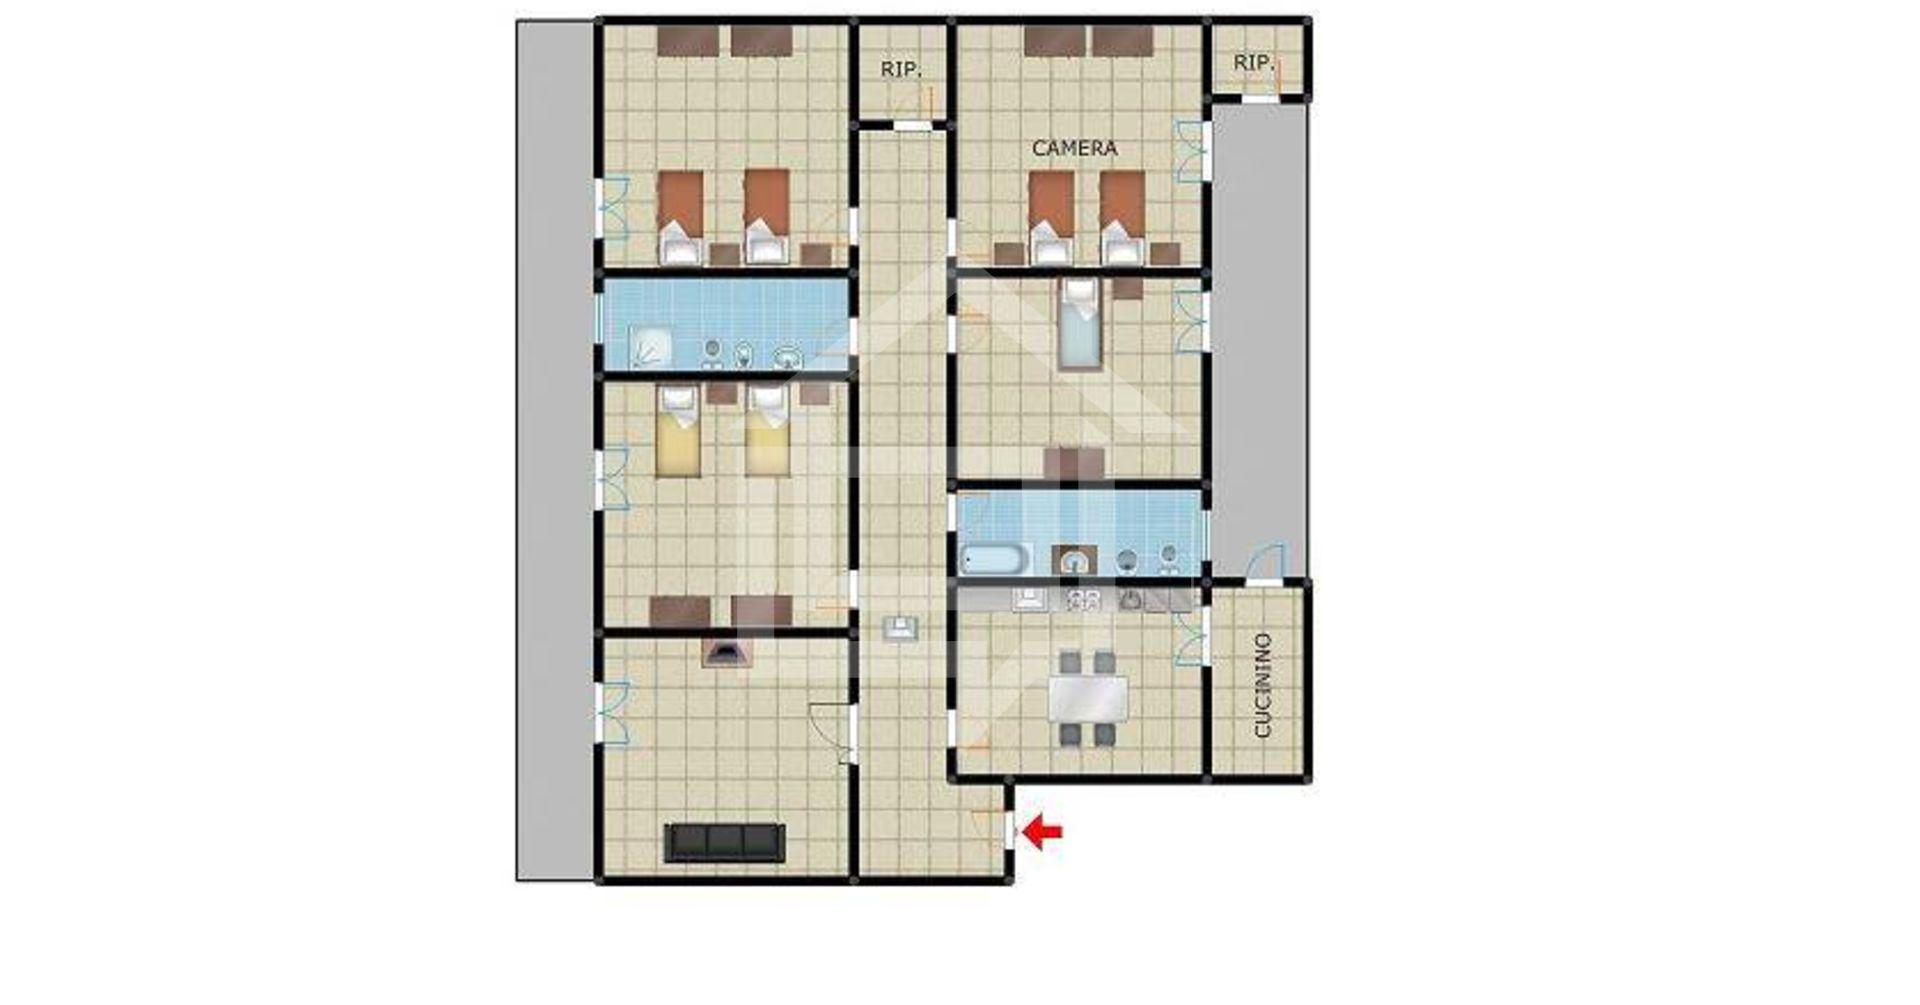 Divicasa appartamento in affitto a carosino taranto for Affitto taranto arredato